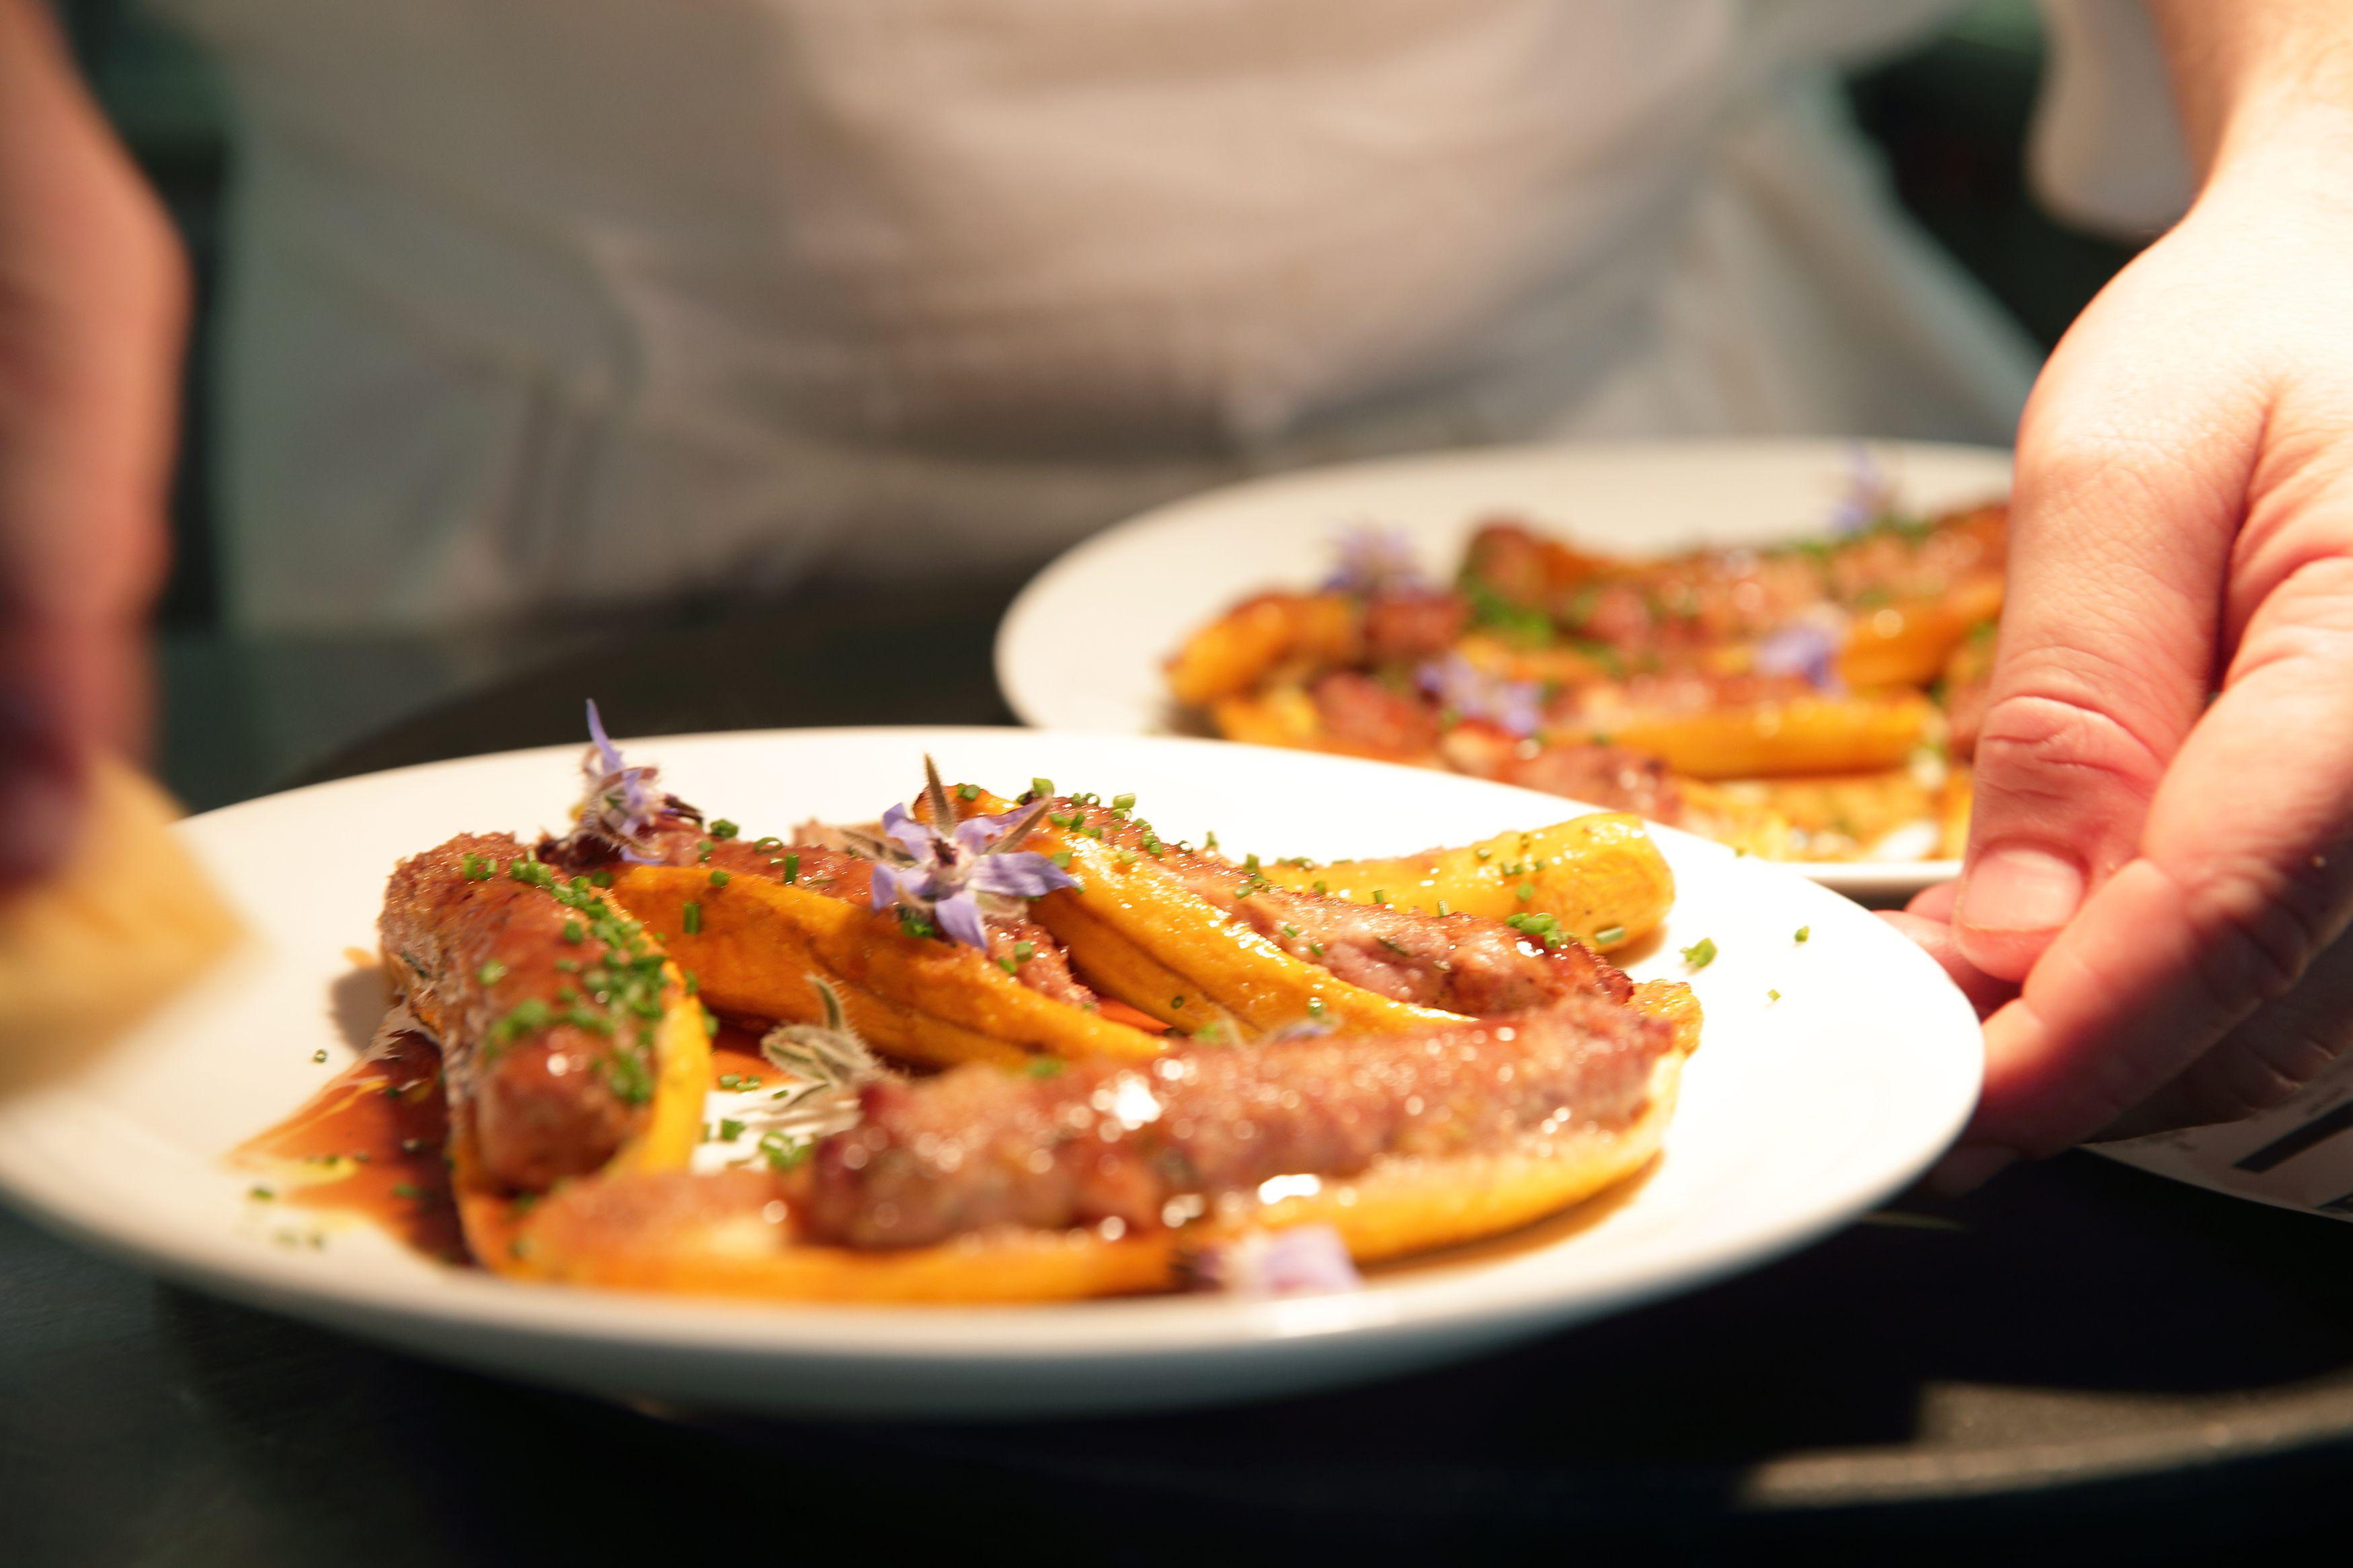 Les restaurants anglais, plus mauvais pour la santé que les fast-foods.